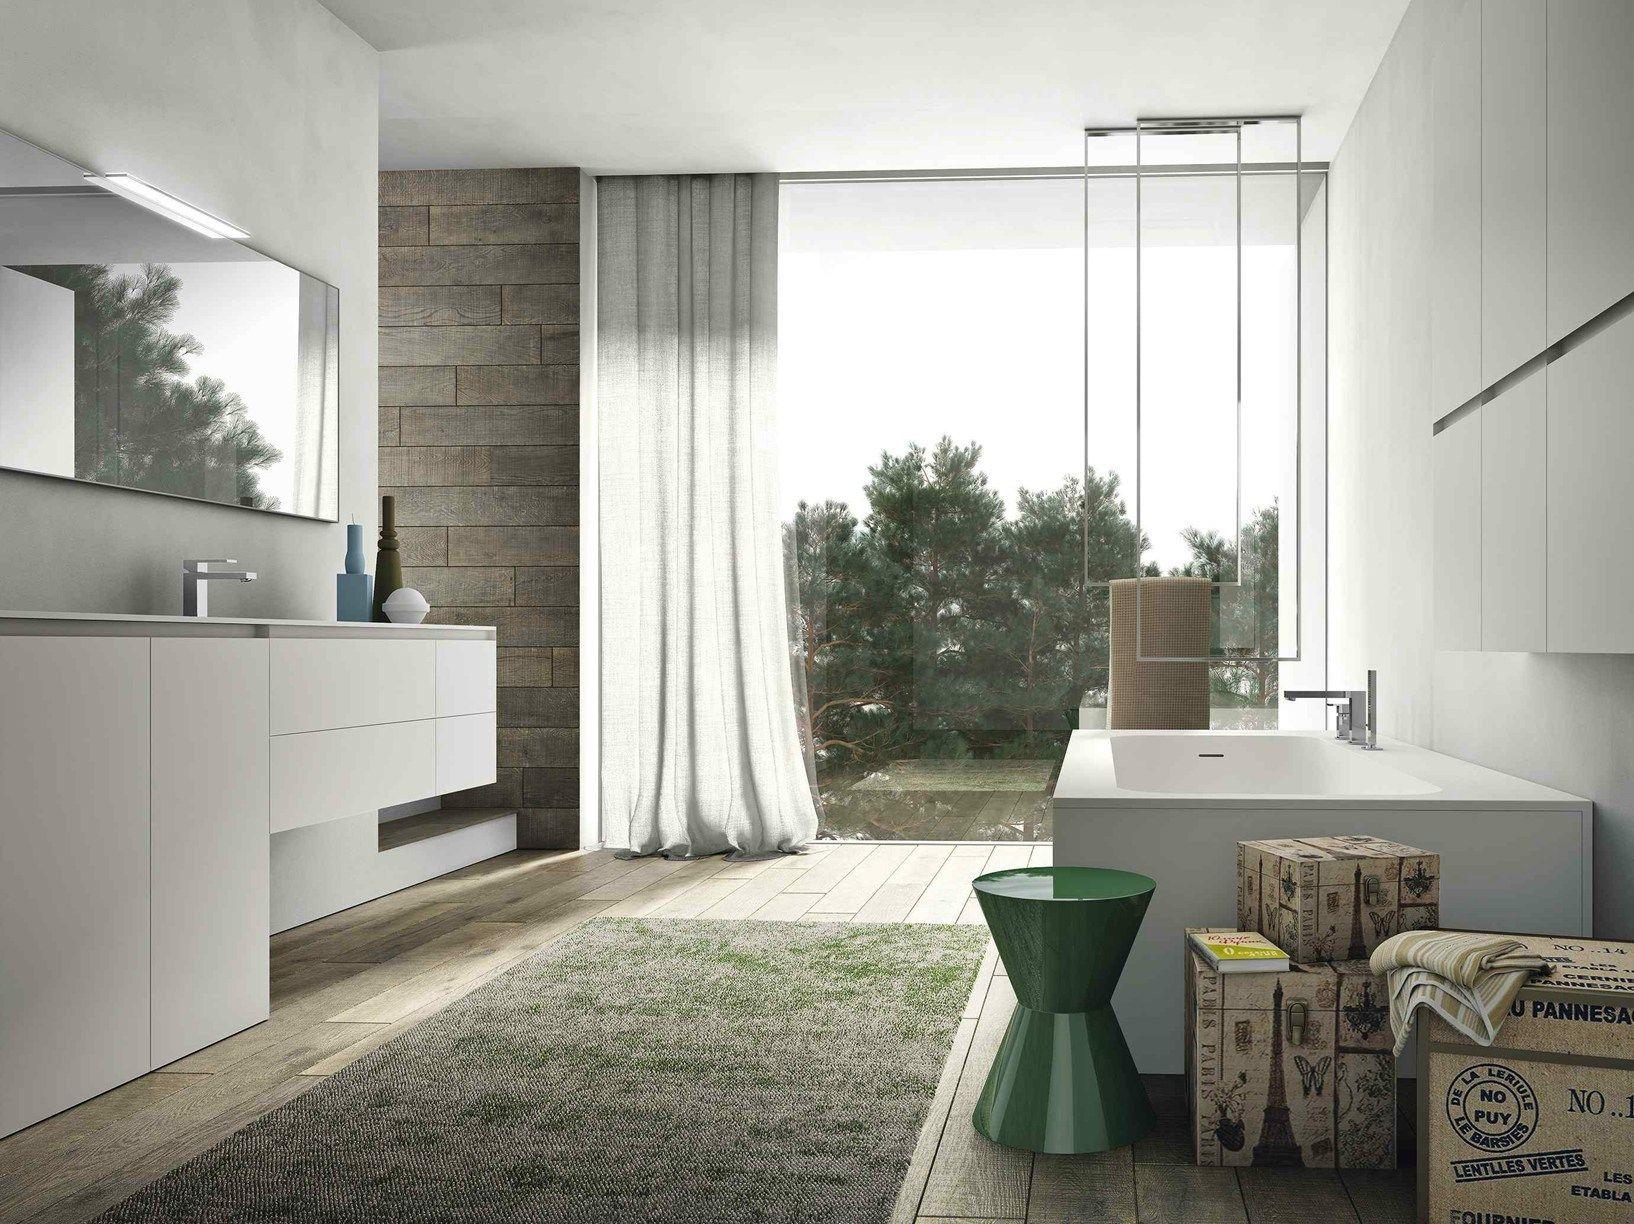 Il design contemporaneo di ideagroup al cersaie for Interni case lussuose